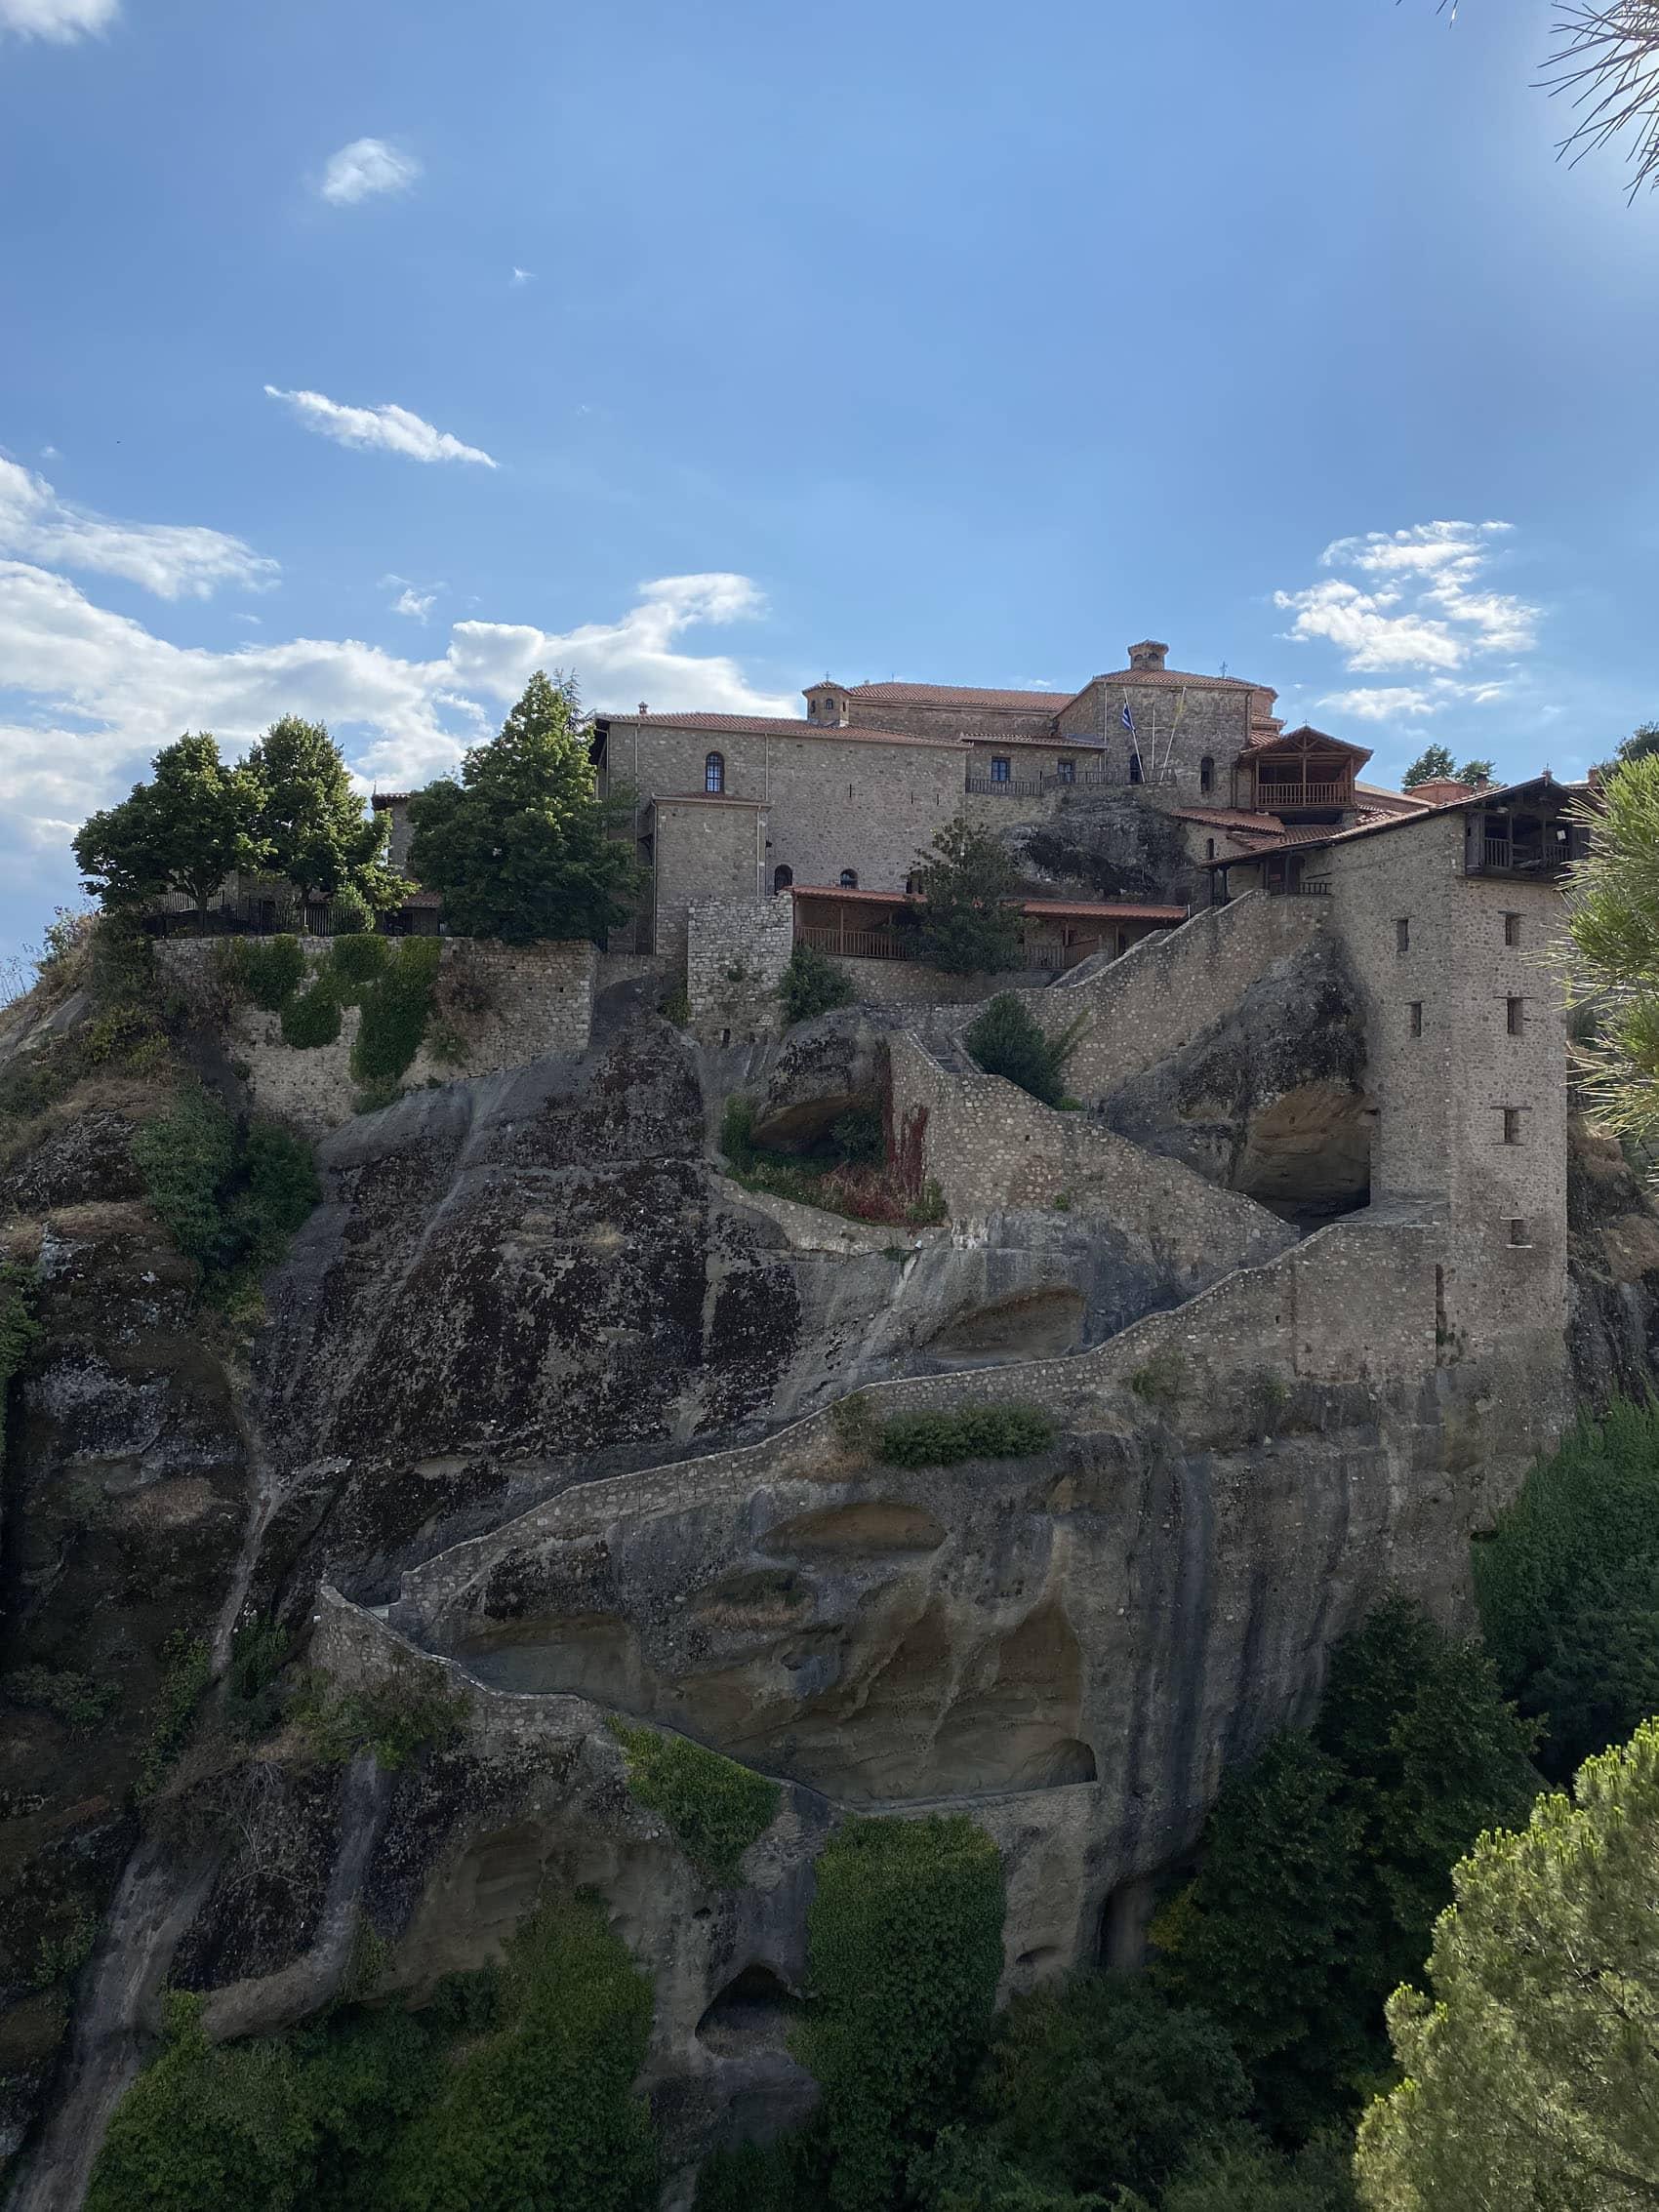 Visiting the Meteora Monasteries